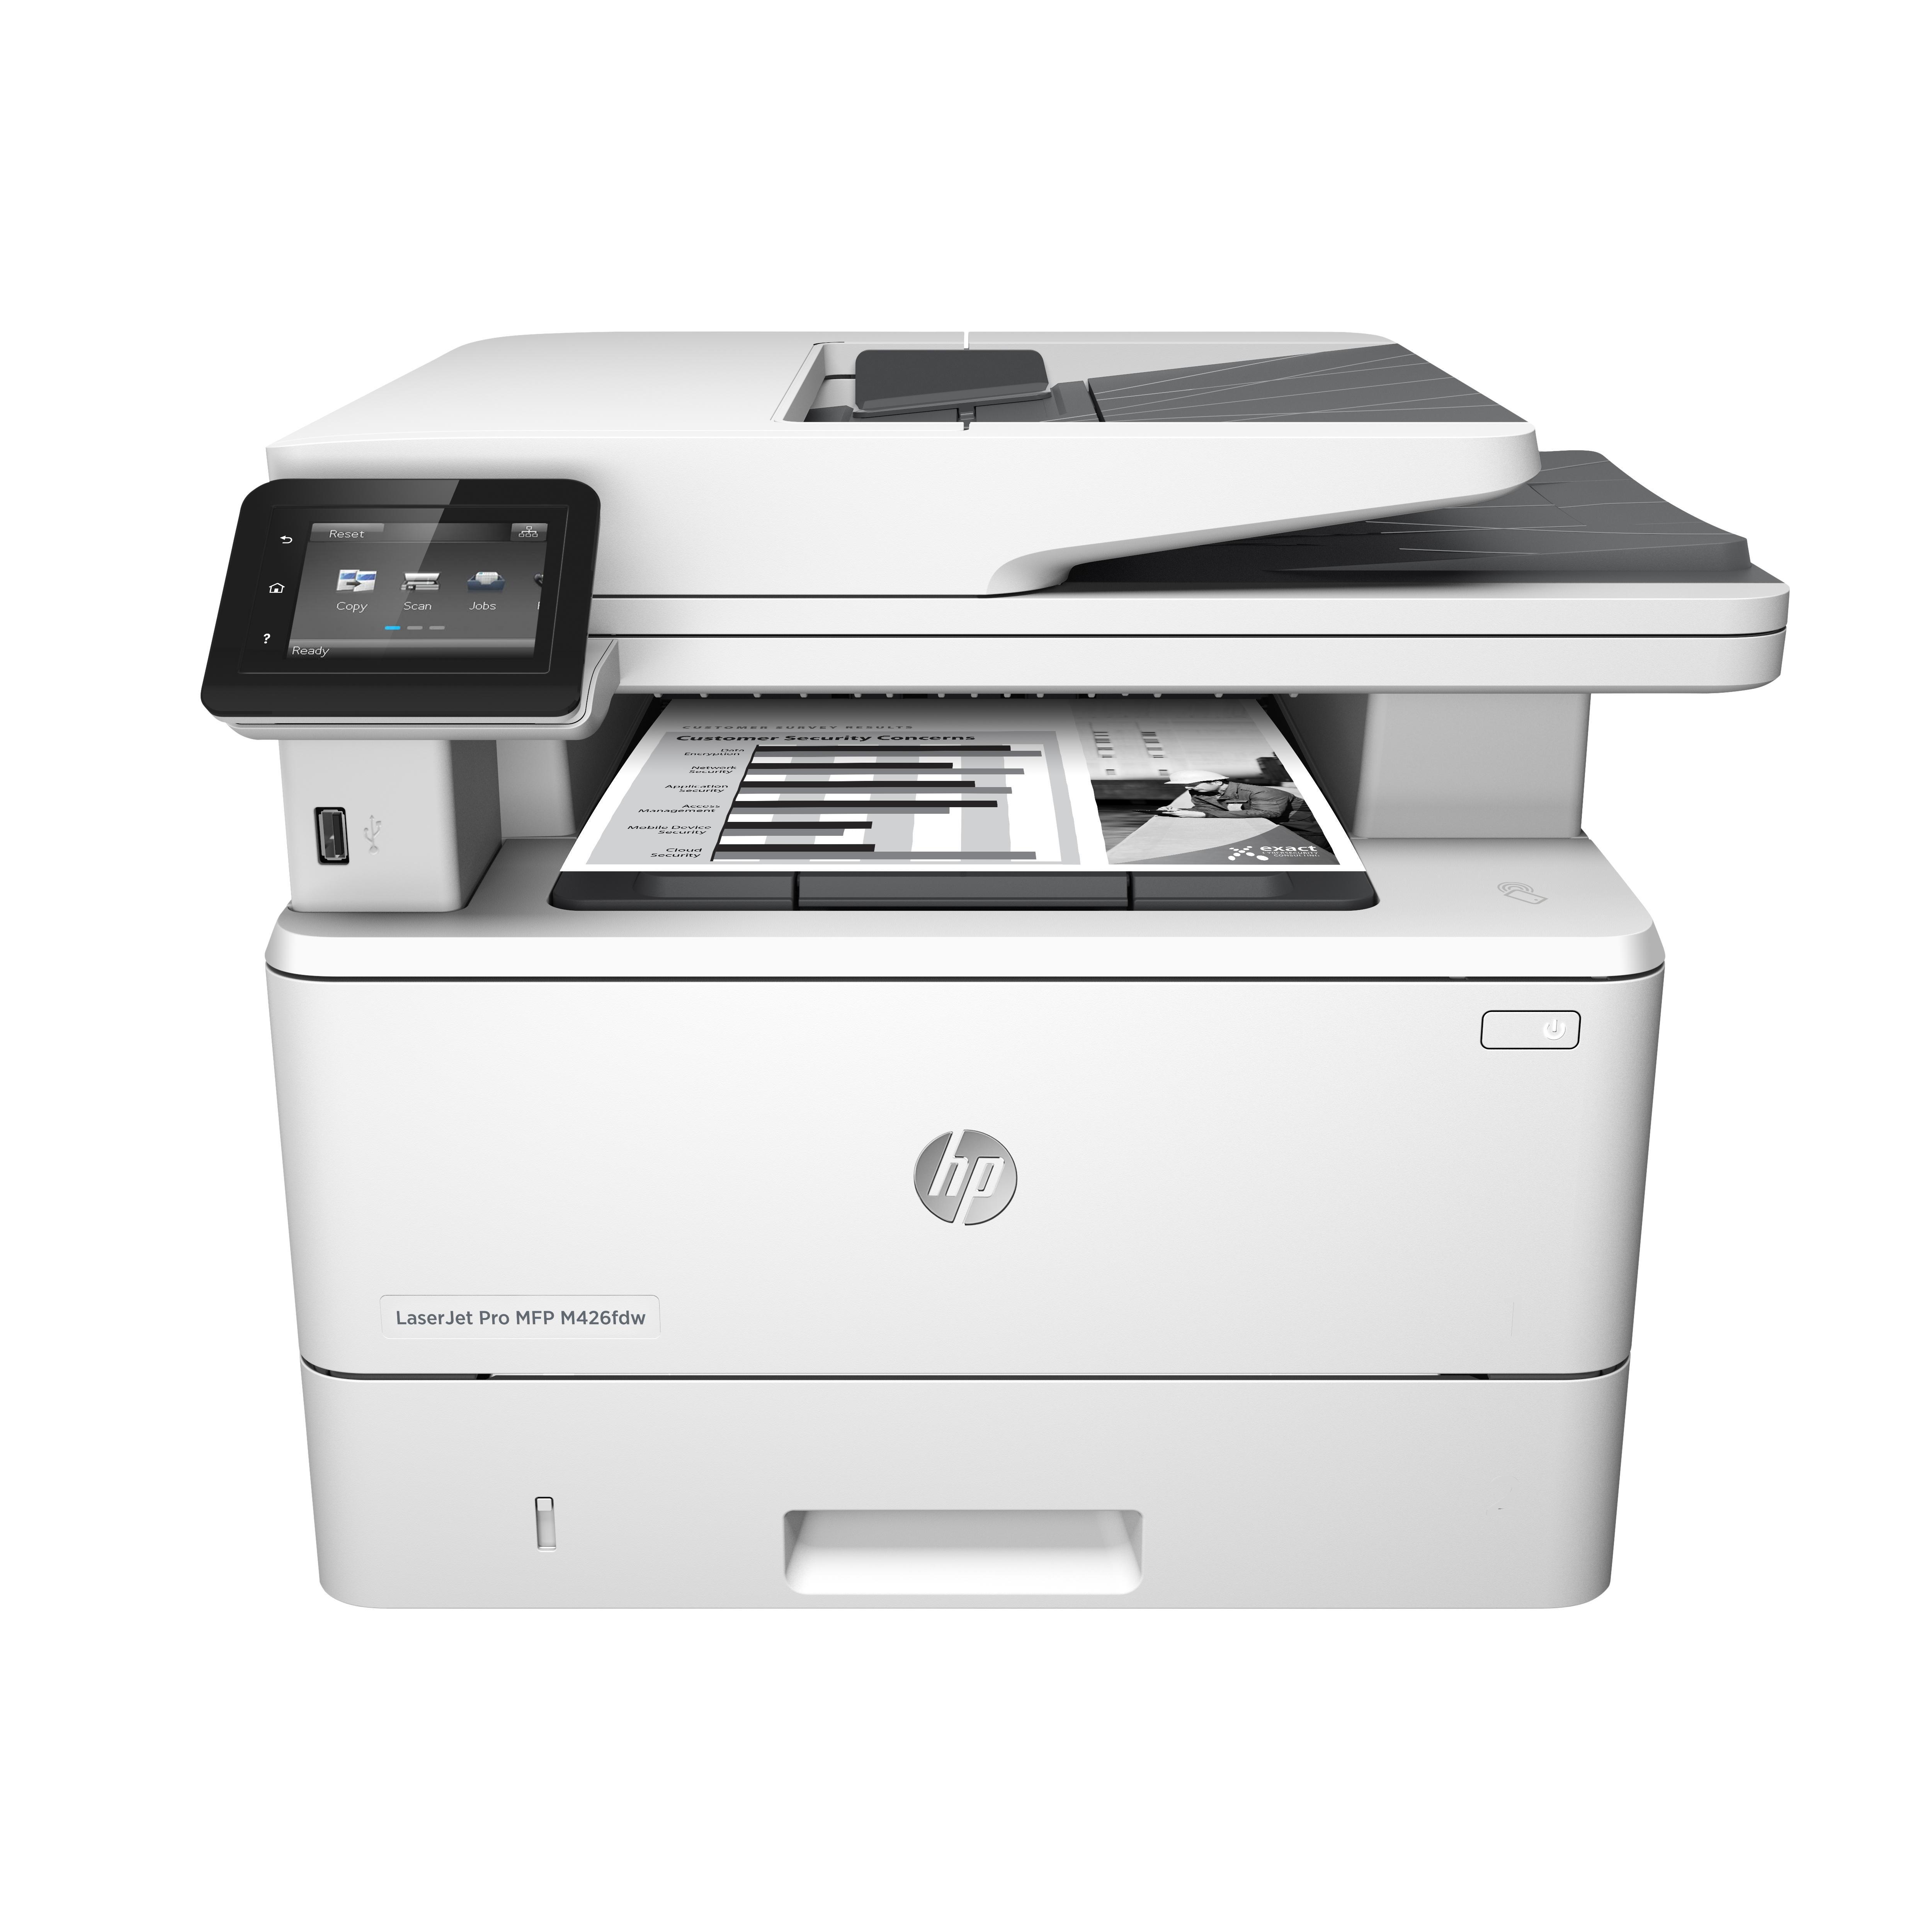 Impressora Multifunções Wi-Fi Laser A4 38ppm LaserJet Pro MFP M426fdw - HP